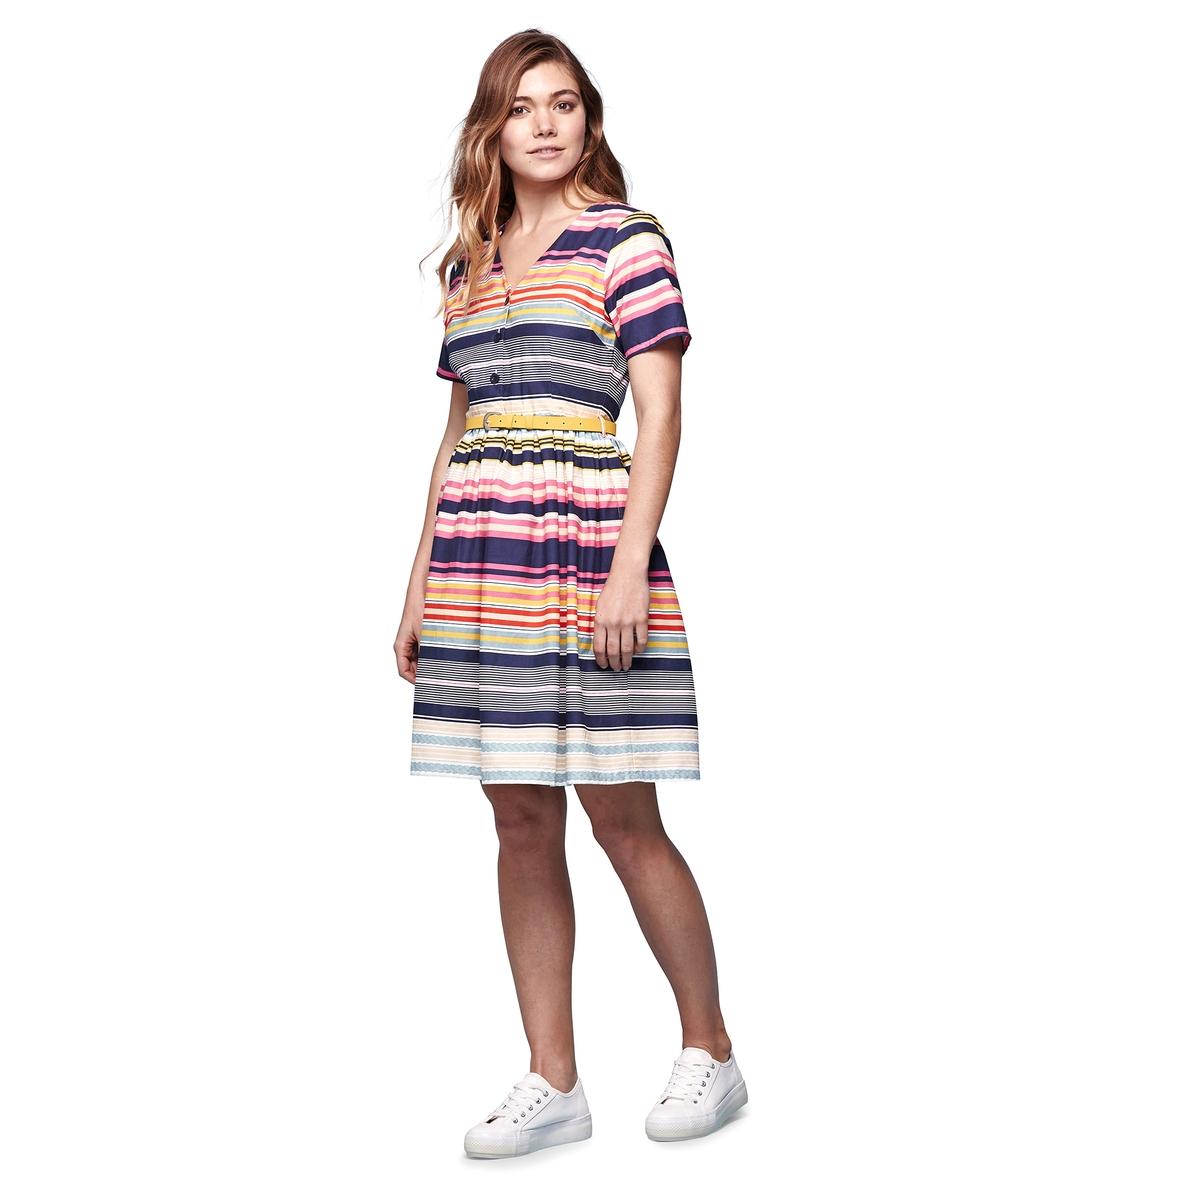 Платье расклешенное в разноцветную полоску платье yumi yumi платье